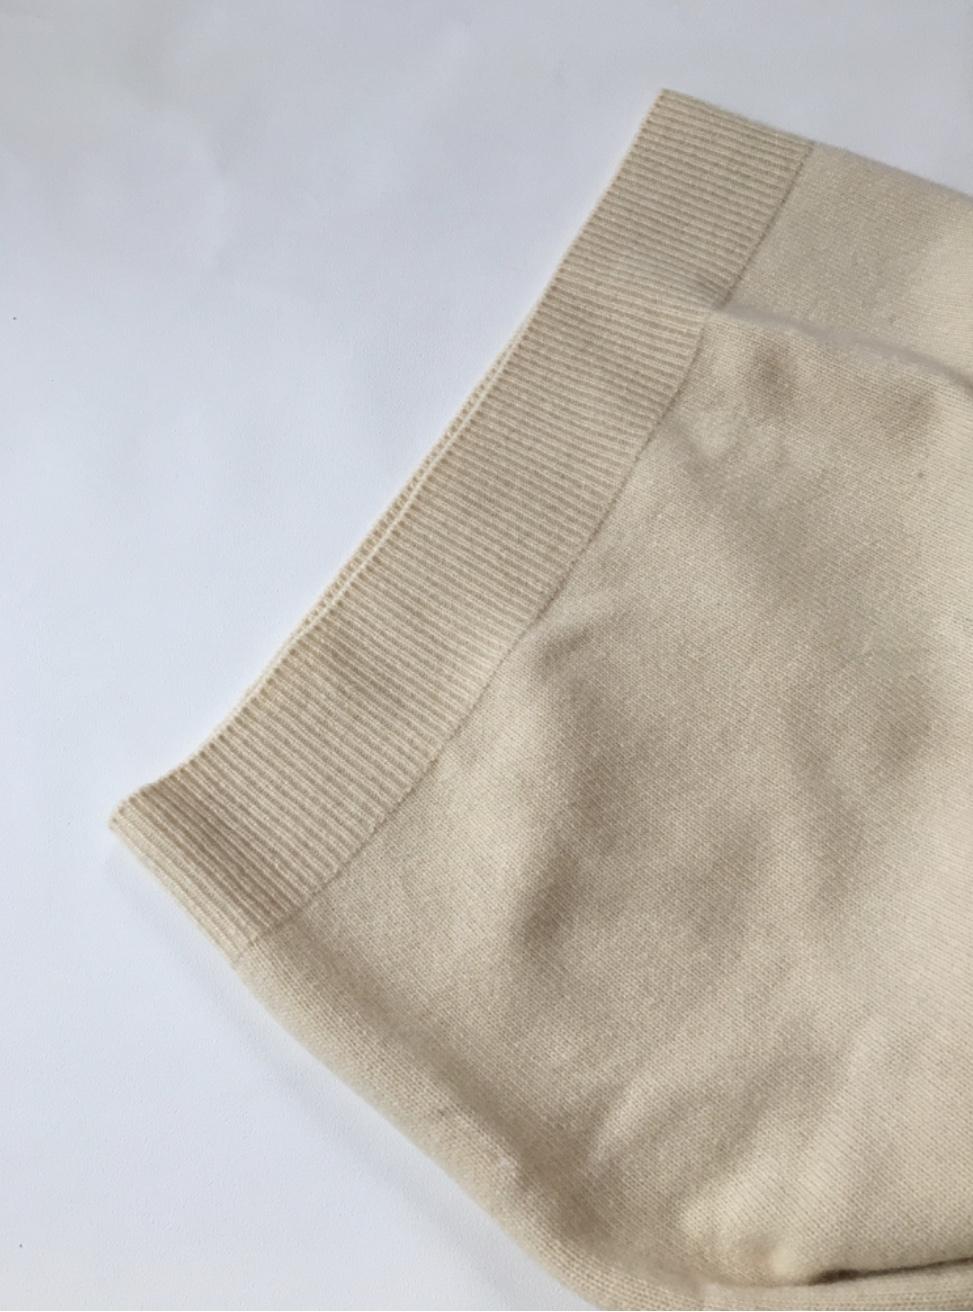 【KissMeLove】cashmere knit